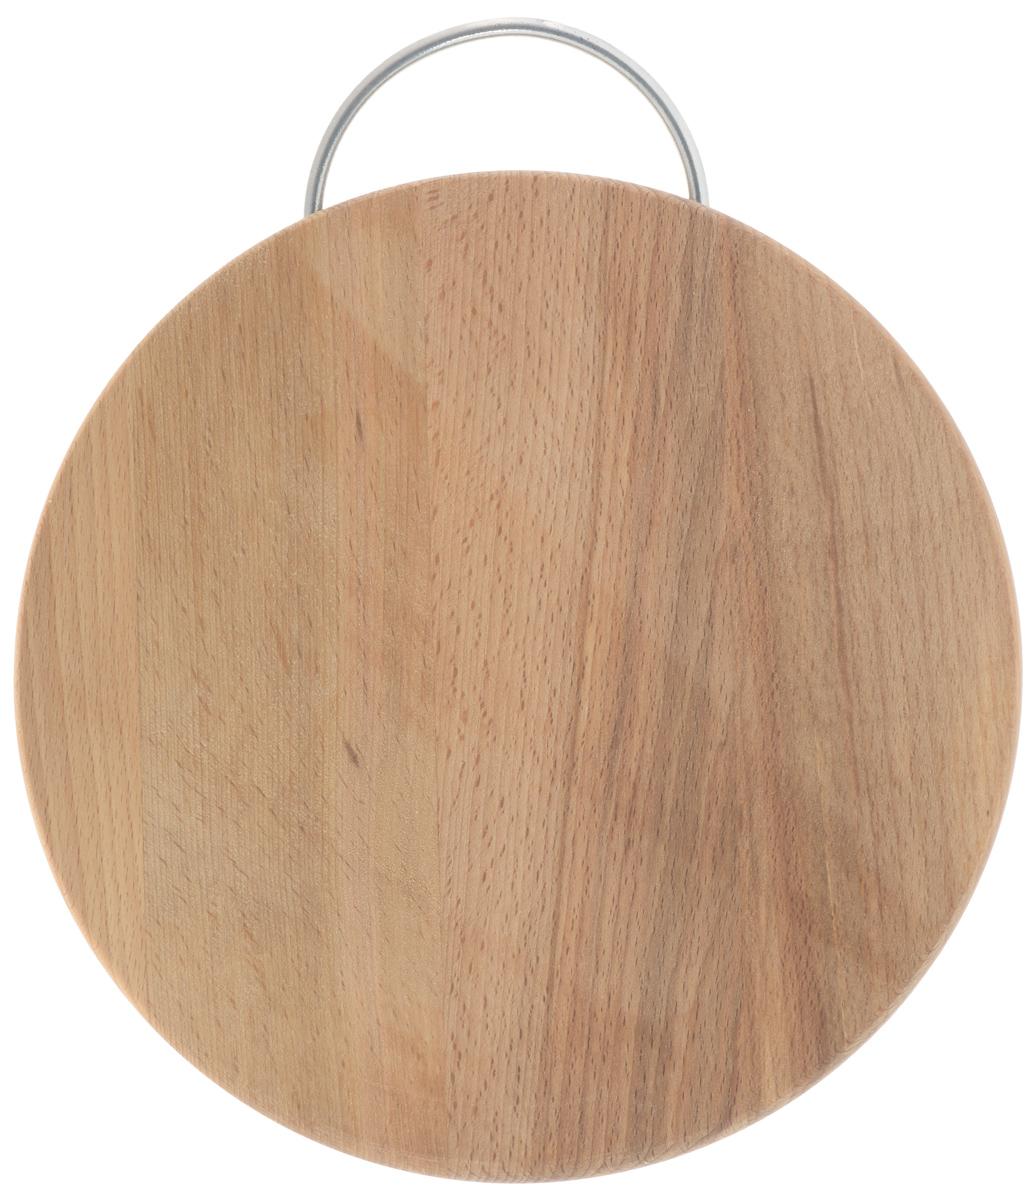 Доска разделочная Хозяюшка, с ручкой, диаметр 24 см03-3Разделочная доска Хозяюшка изготовлена из бука. Бук наряду с дубом и тиком относится к ценным твердолиственным породам элитной группы категории А, класса люкс. По структуре древесины бук считается менее рыхлым, чем дуб, и более гибким, чем тик, при этом не уступает по прочности этим двум породам, а по красоте даже превосходит их. Бук отличают, прежде всего, уникальная текстура и естественный белый с желтовато-красным оттенком, со временем переходящим в розовато-коричневый, цвет древесины. Бук прекрасно поддается шлифовке и полировке. Бук боится влаги, но, как в случае со всеми без исключения досками из древесины, вопрос влагостойкости решается пропиткой дерева специальным минеральным или льняным маслом. Масло защищает доску от коробления, рассыхания и растрескивания. Именно поэтому все доски Хозяюшка обработаны льняным маслом и упакованы в пленку. Разделочная доска имеет форму круга, оснащена металлической ручкой. Нельзя мыть в посудомоечной машине. Для...